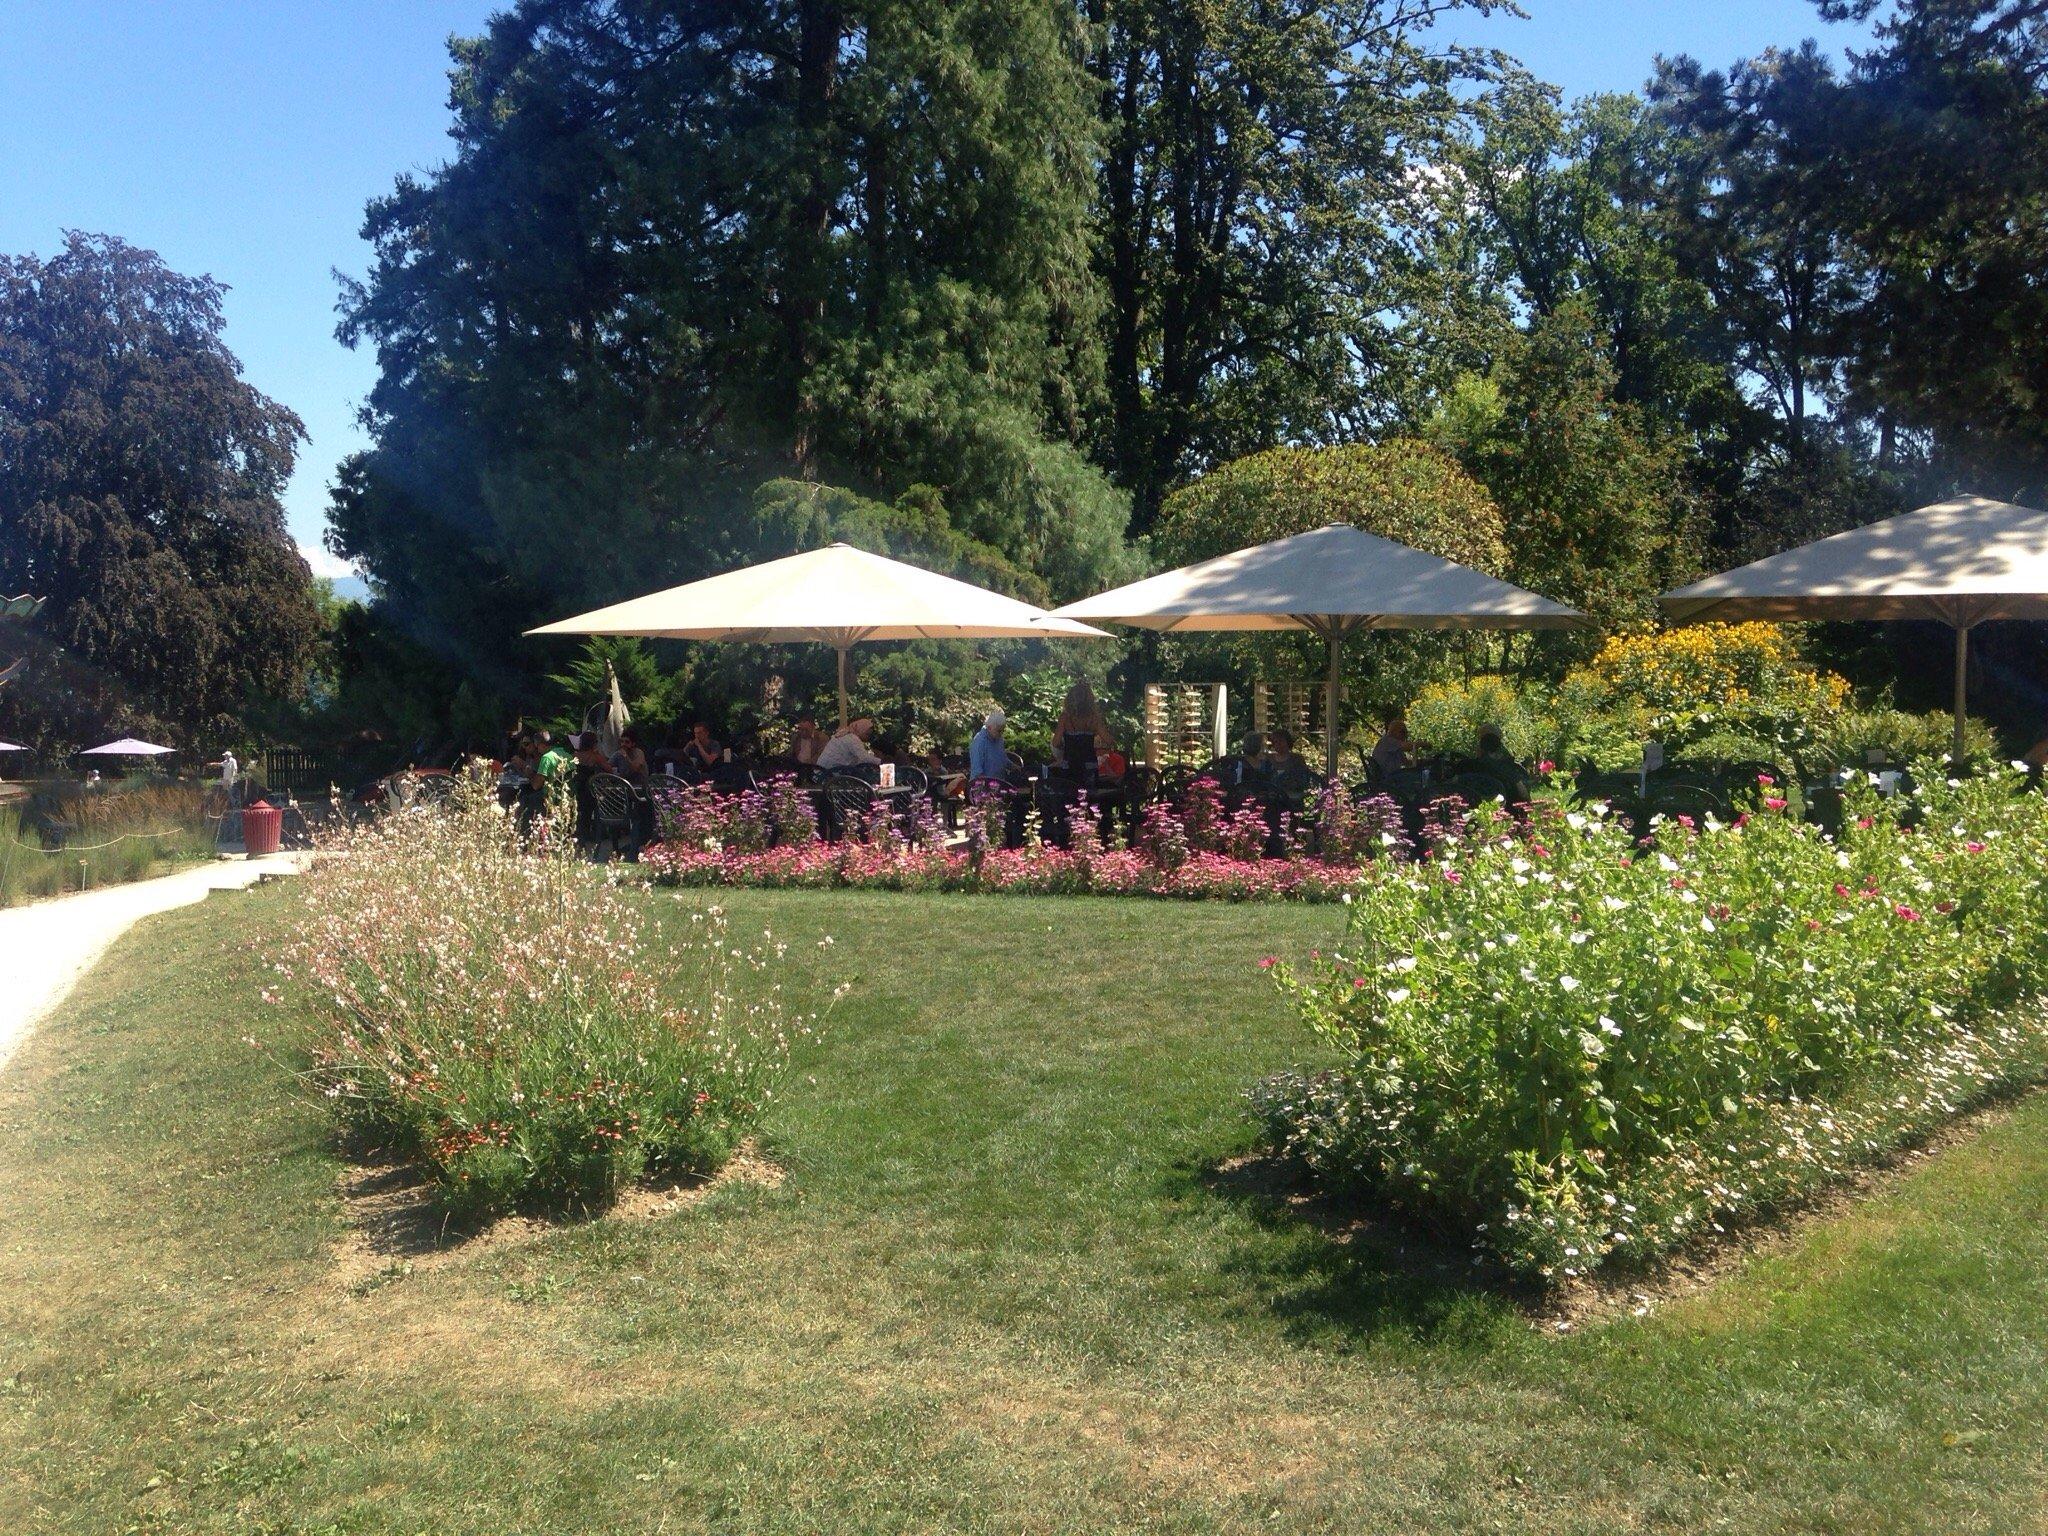 Cafeteria du jardin botanique gen ve restaurant avis for Jardin botanique geneve